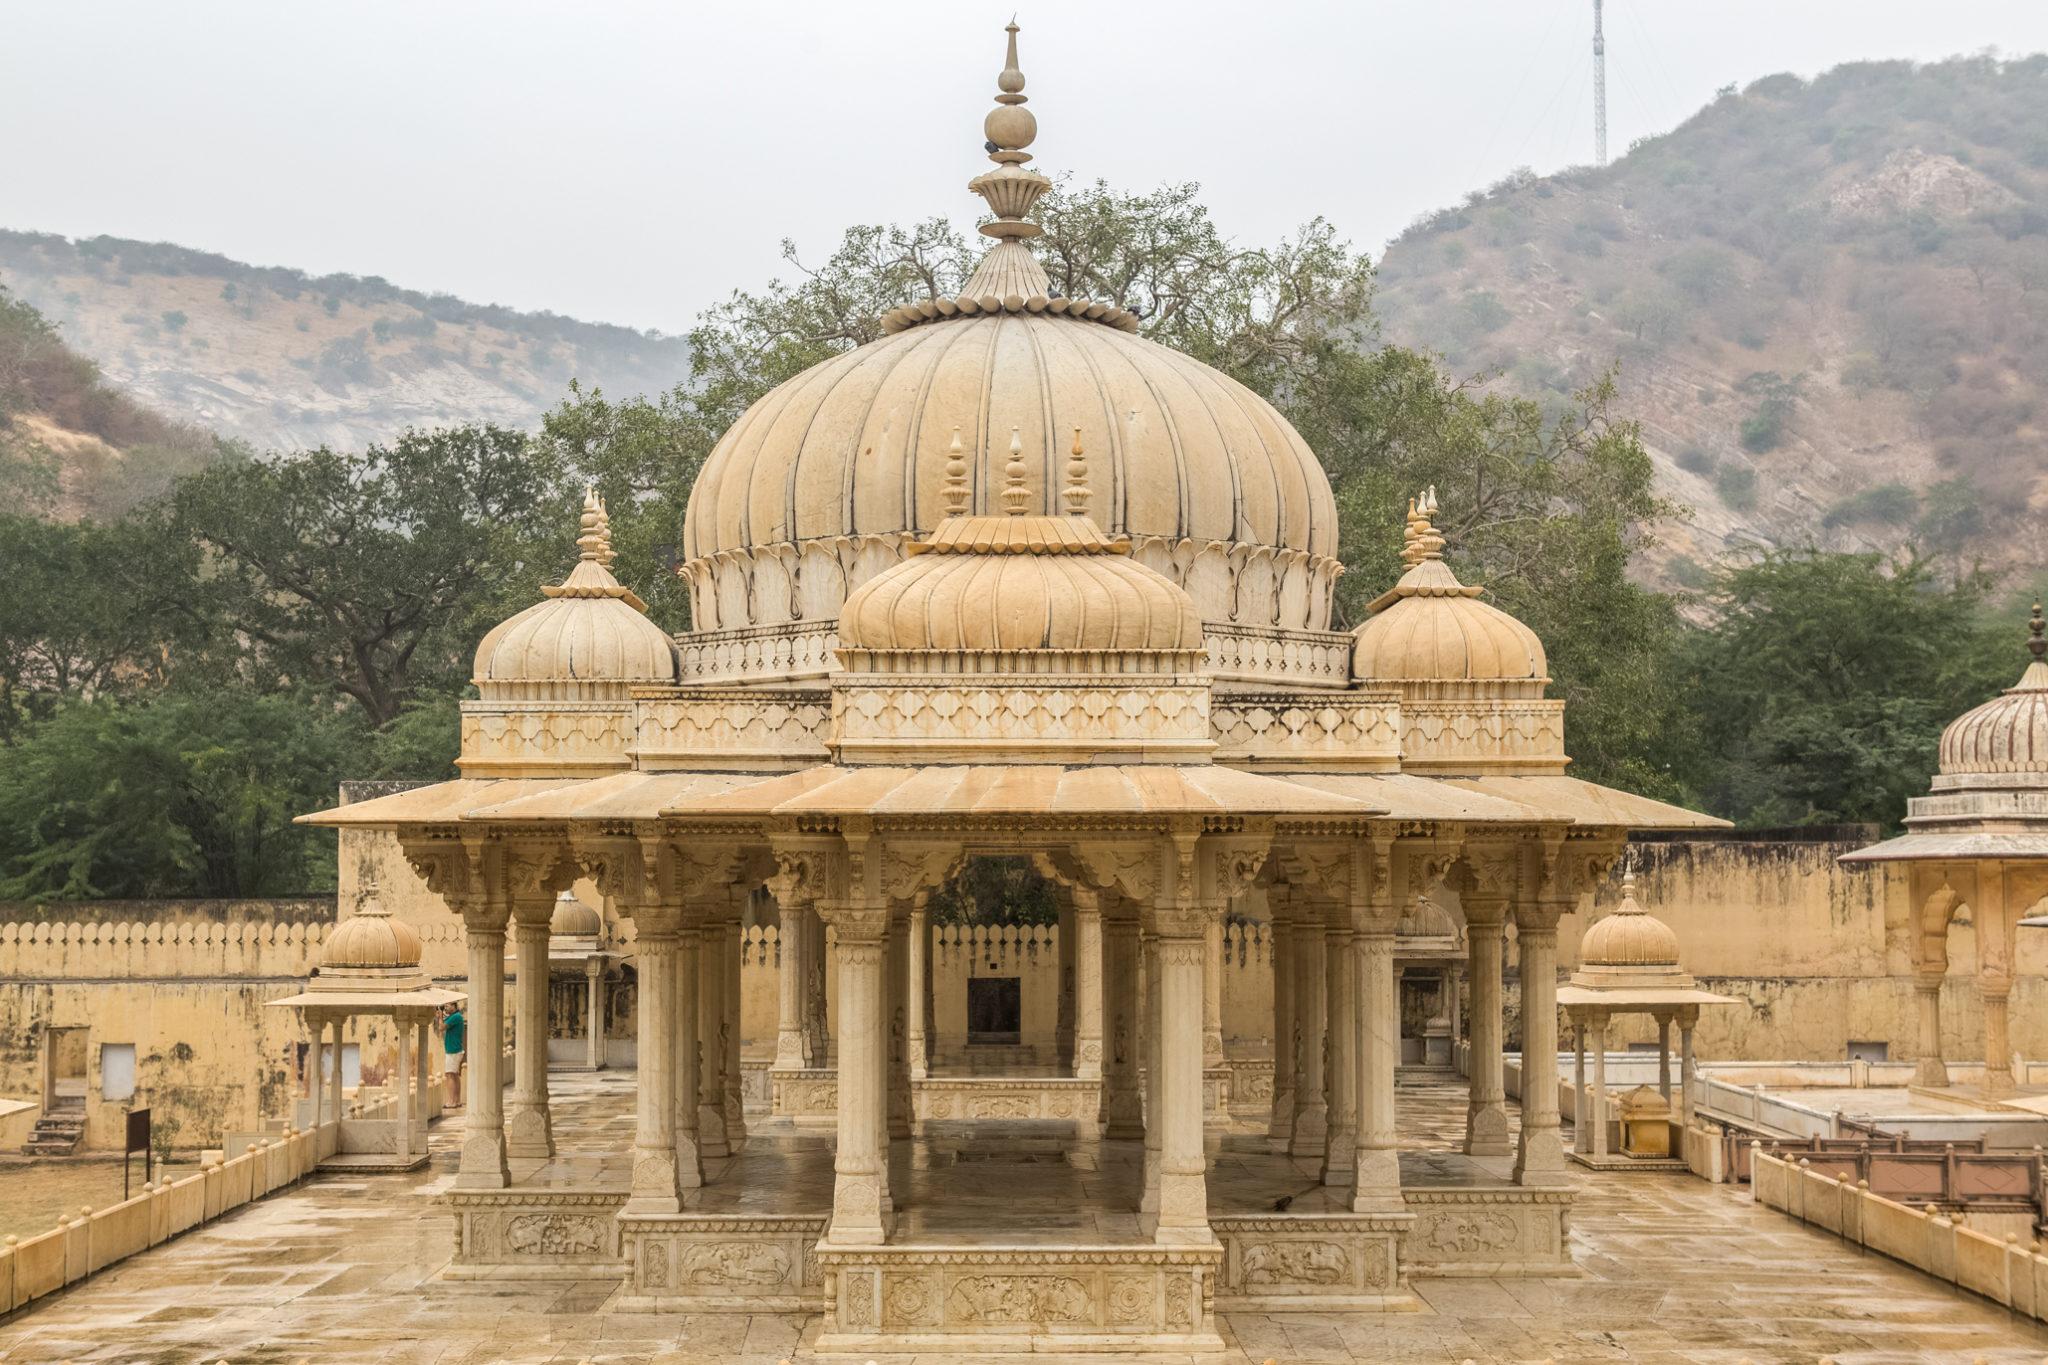 Royal-Gaitor-jaipur-inde-visite-nord-palais